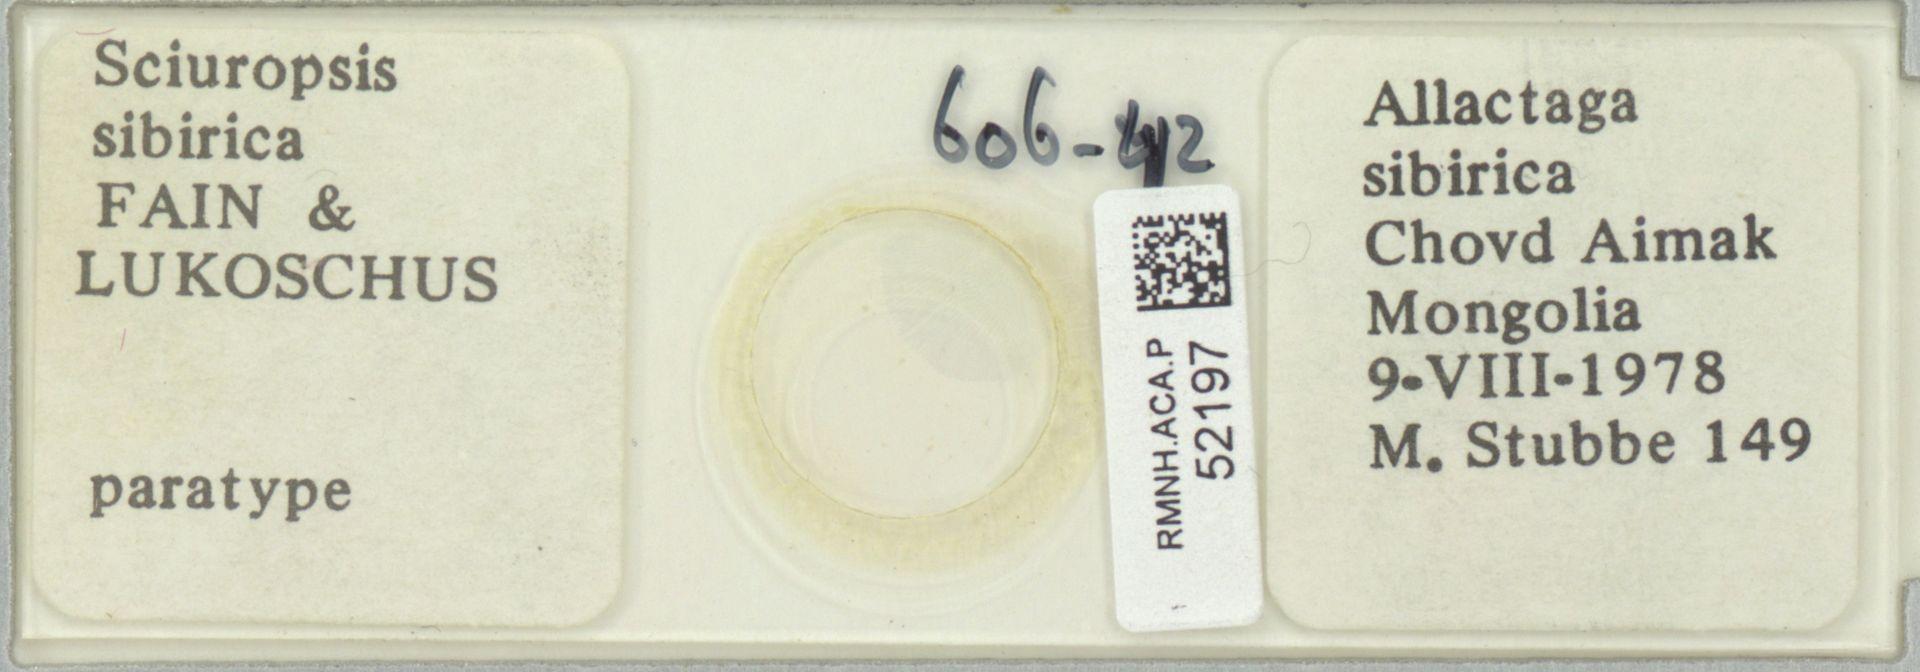 RMNH.ACA.P.52197   Sciuropsis sibirica Fain & Lukoschus